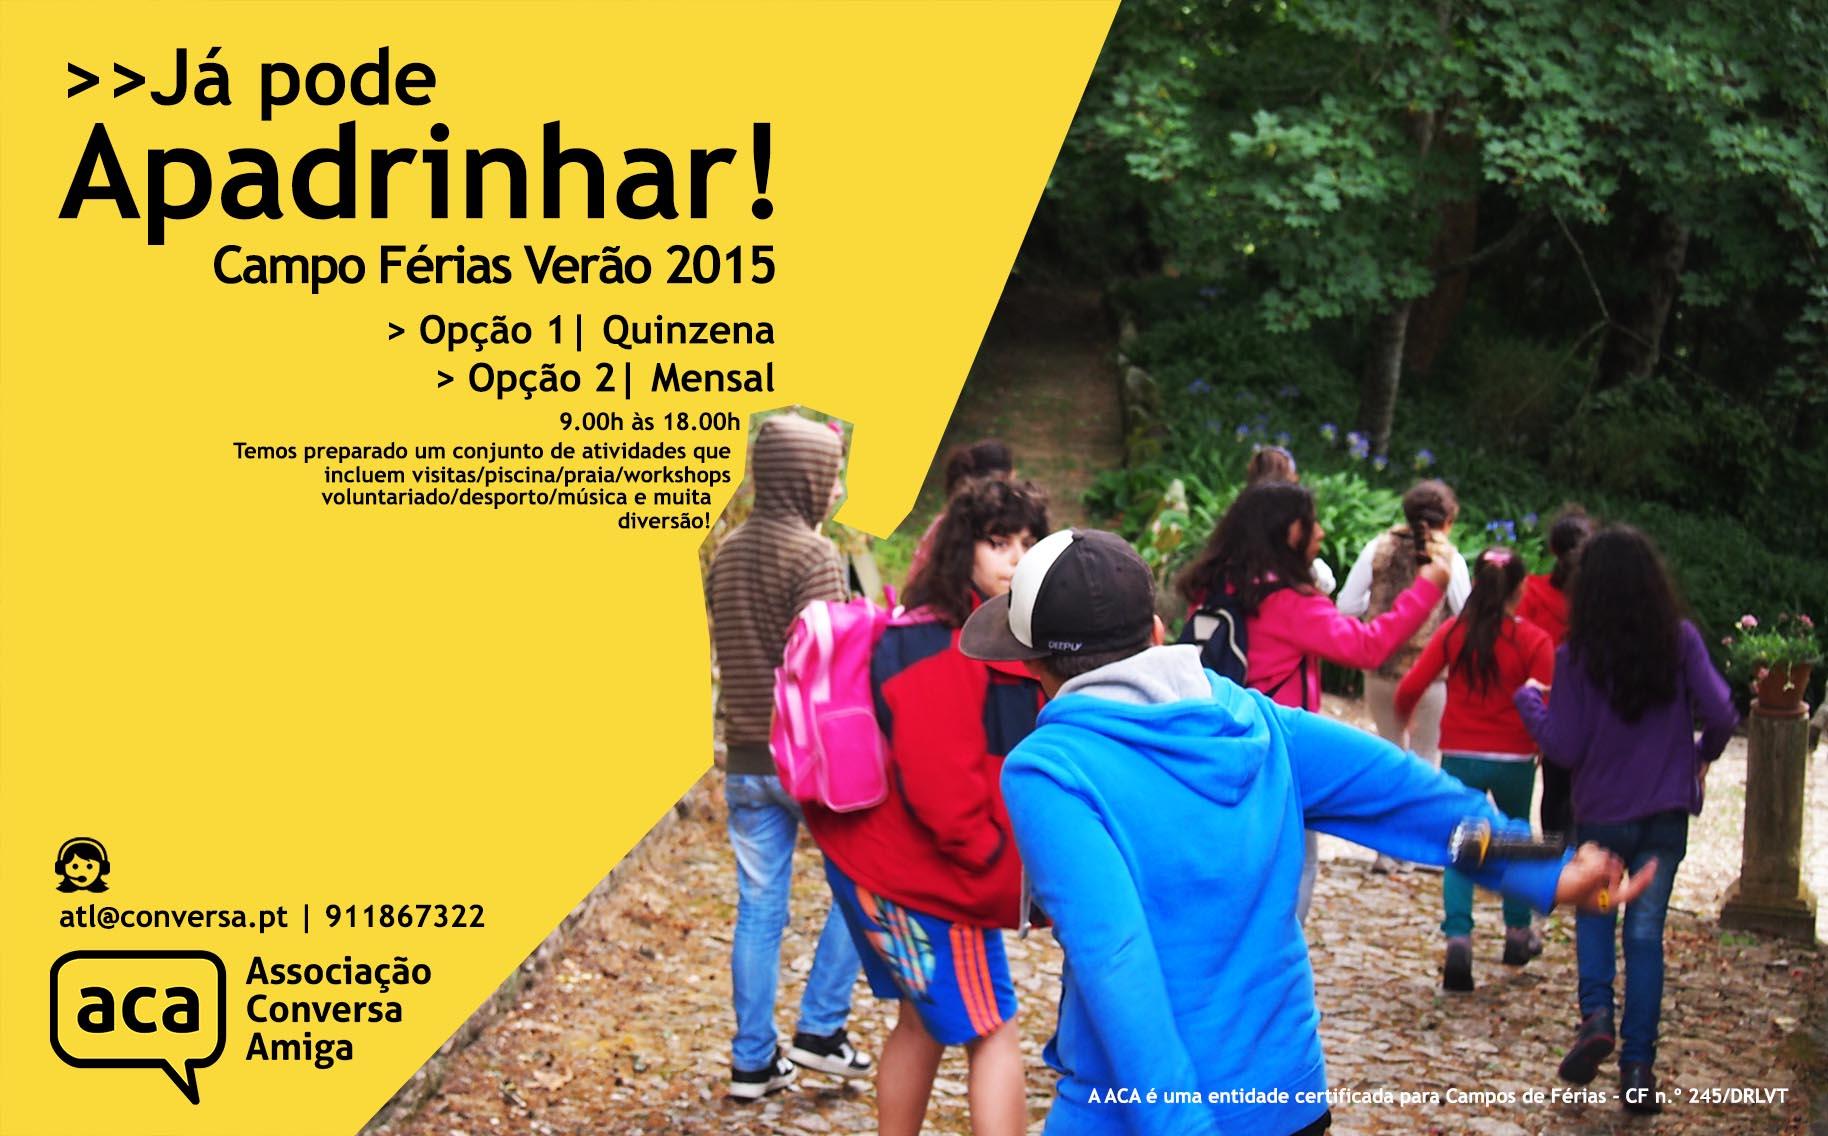 Apadrinhamento Crianças | Campo de Férias Verão 2015